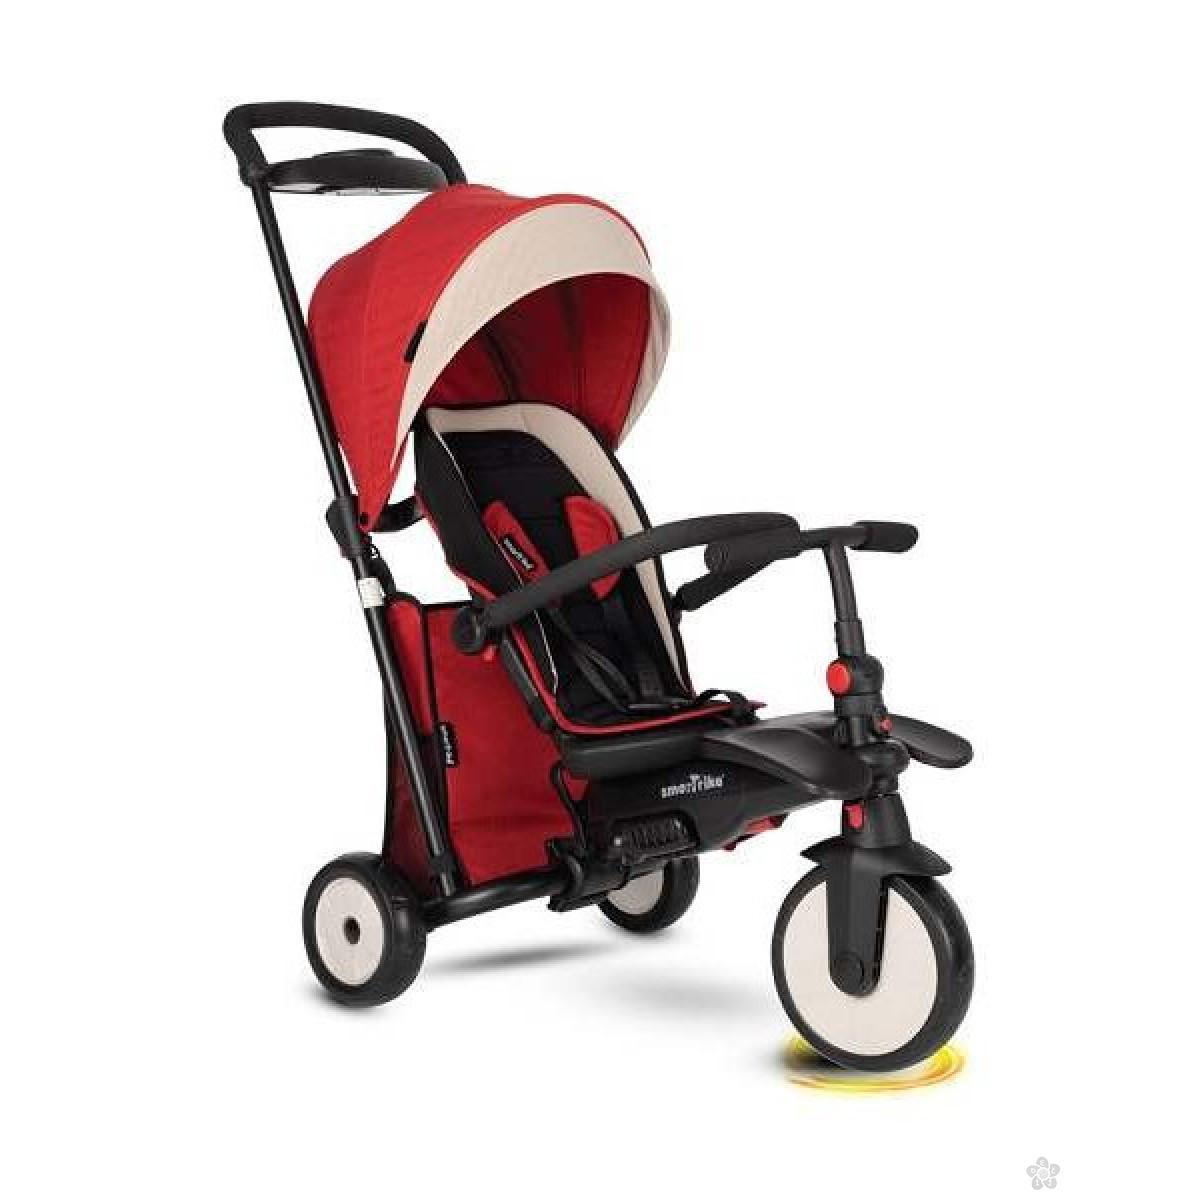 Tricikle Smart Trike Folding 500 Recliner 9M+ Red Melange